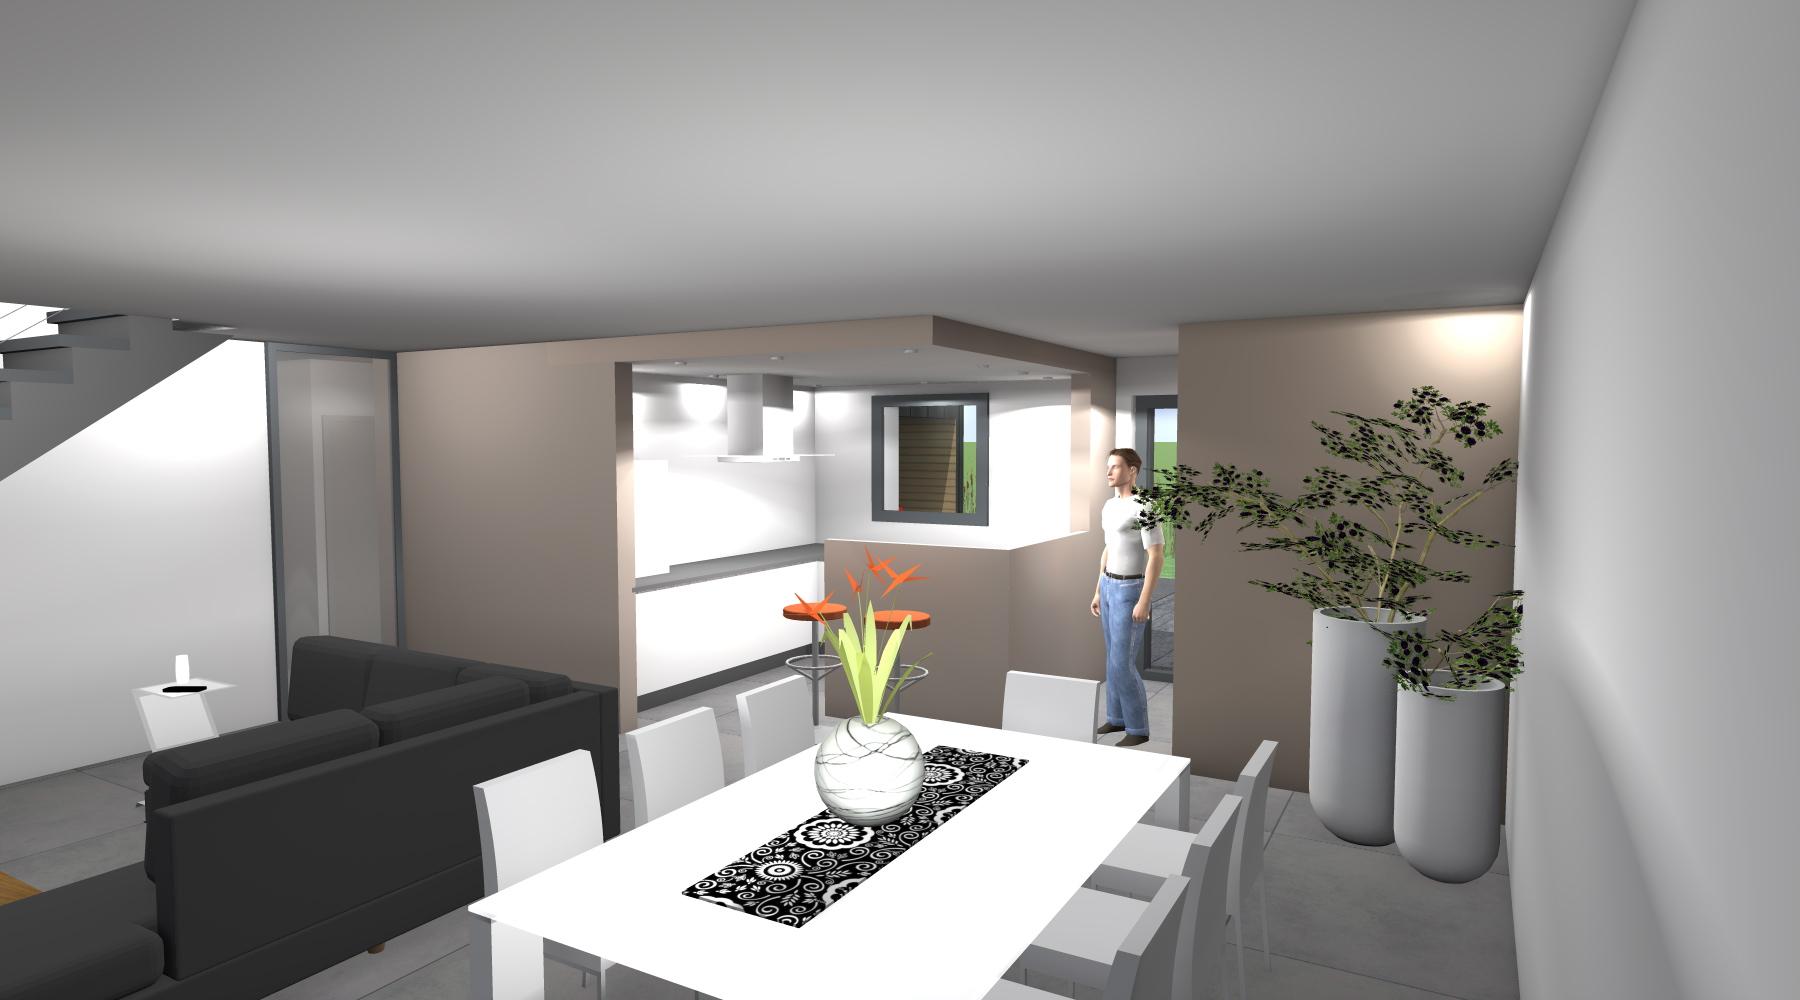 extension car park et relooking facade et travail sur l 39 entr e. Black Bedroom Furniture Sets. Home Design Ideas